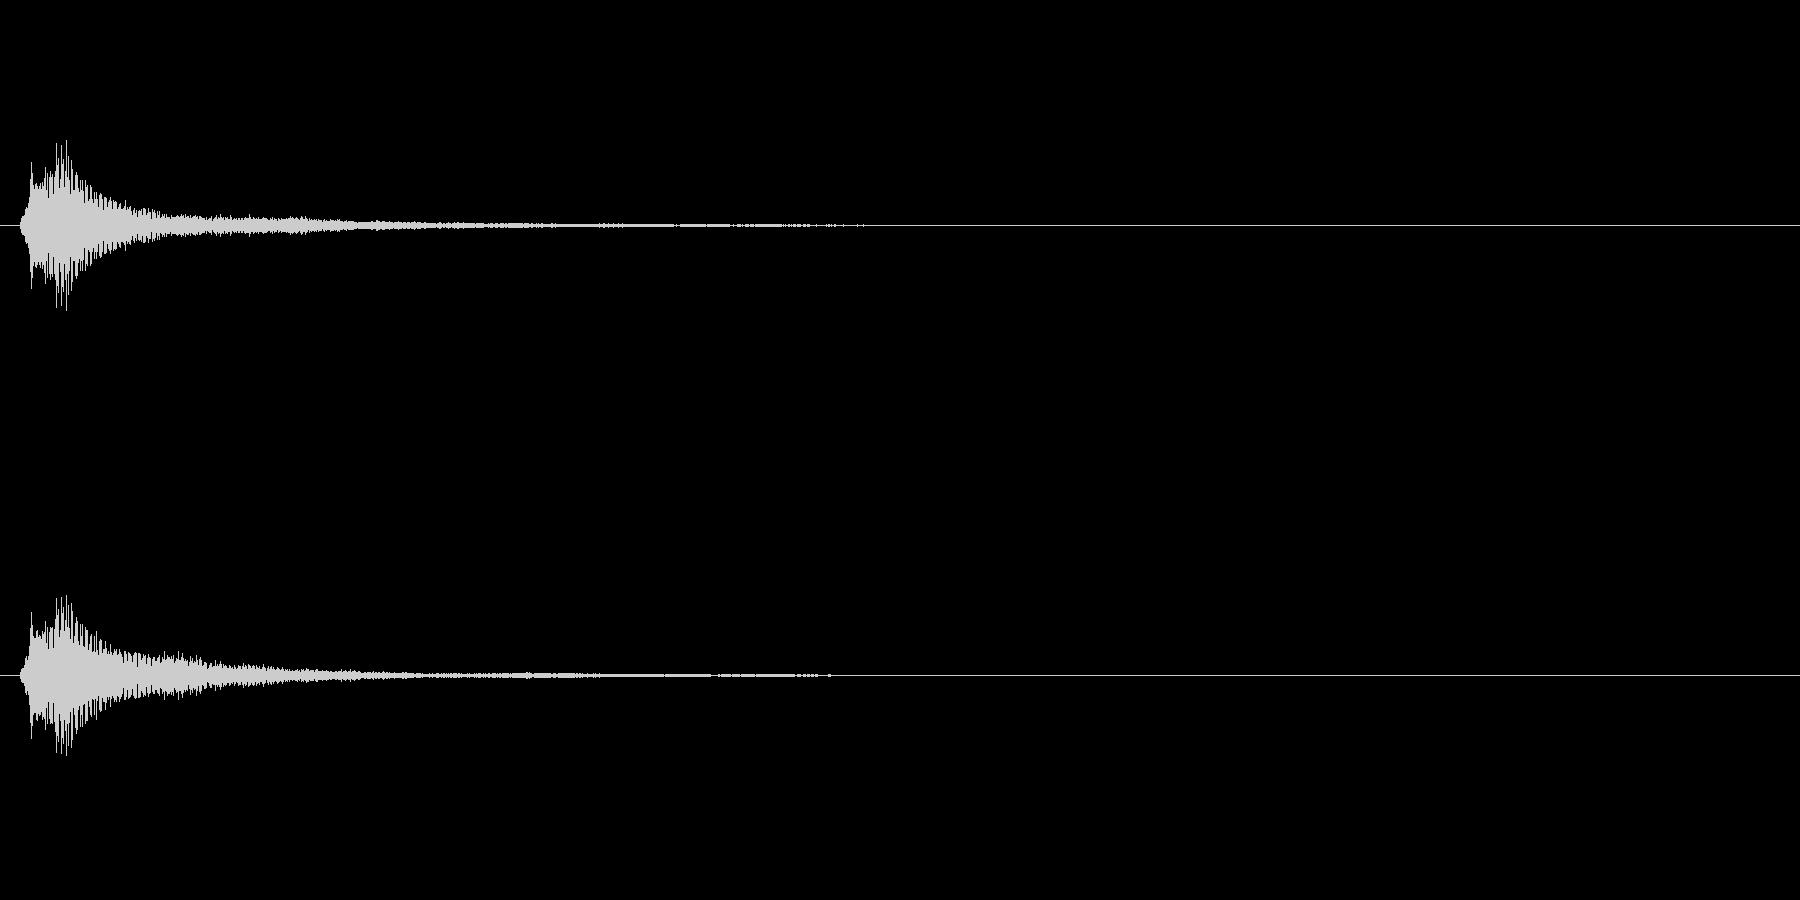 サウンドロゴ(企業ロゴ)_007の未再生の波形